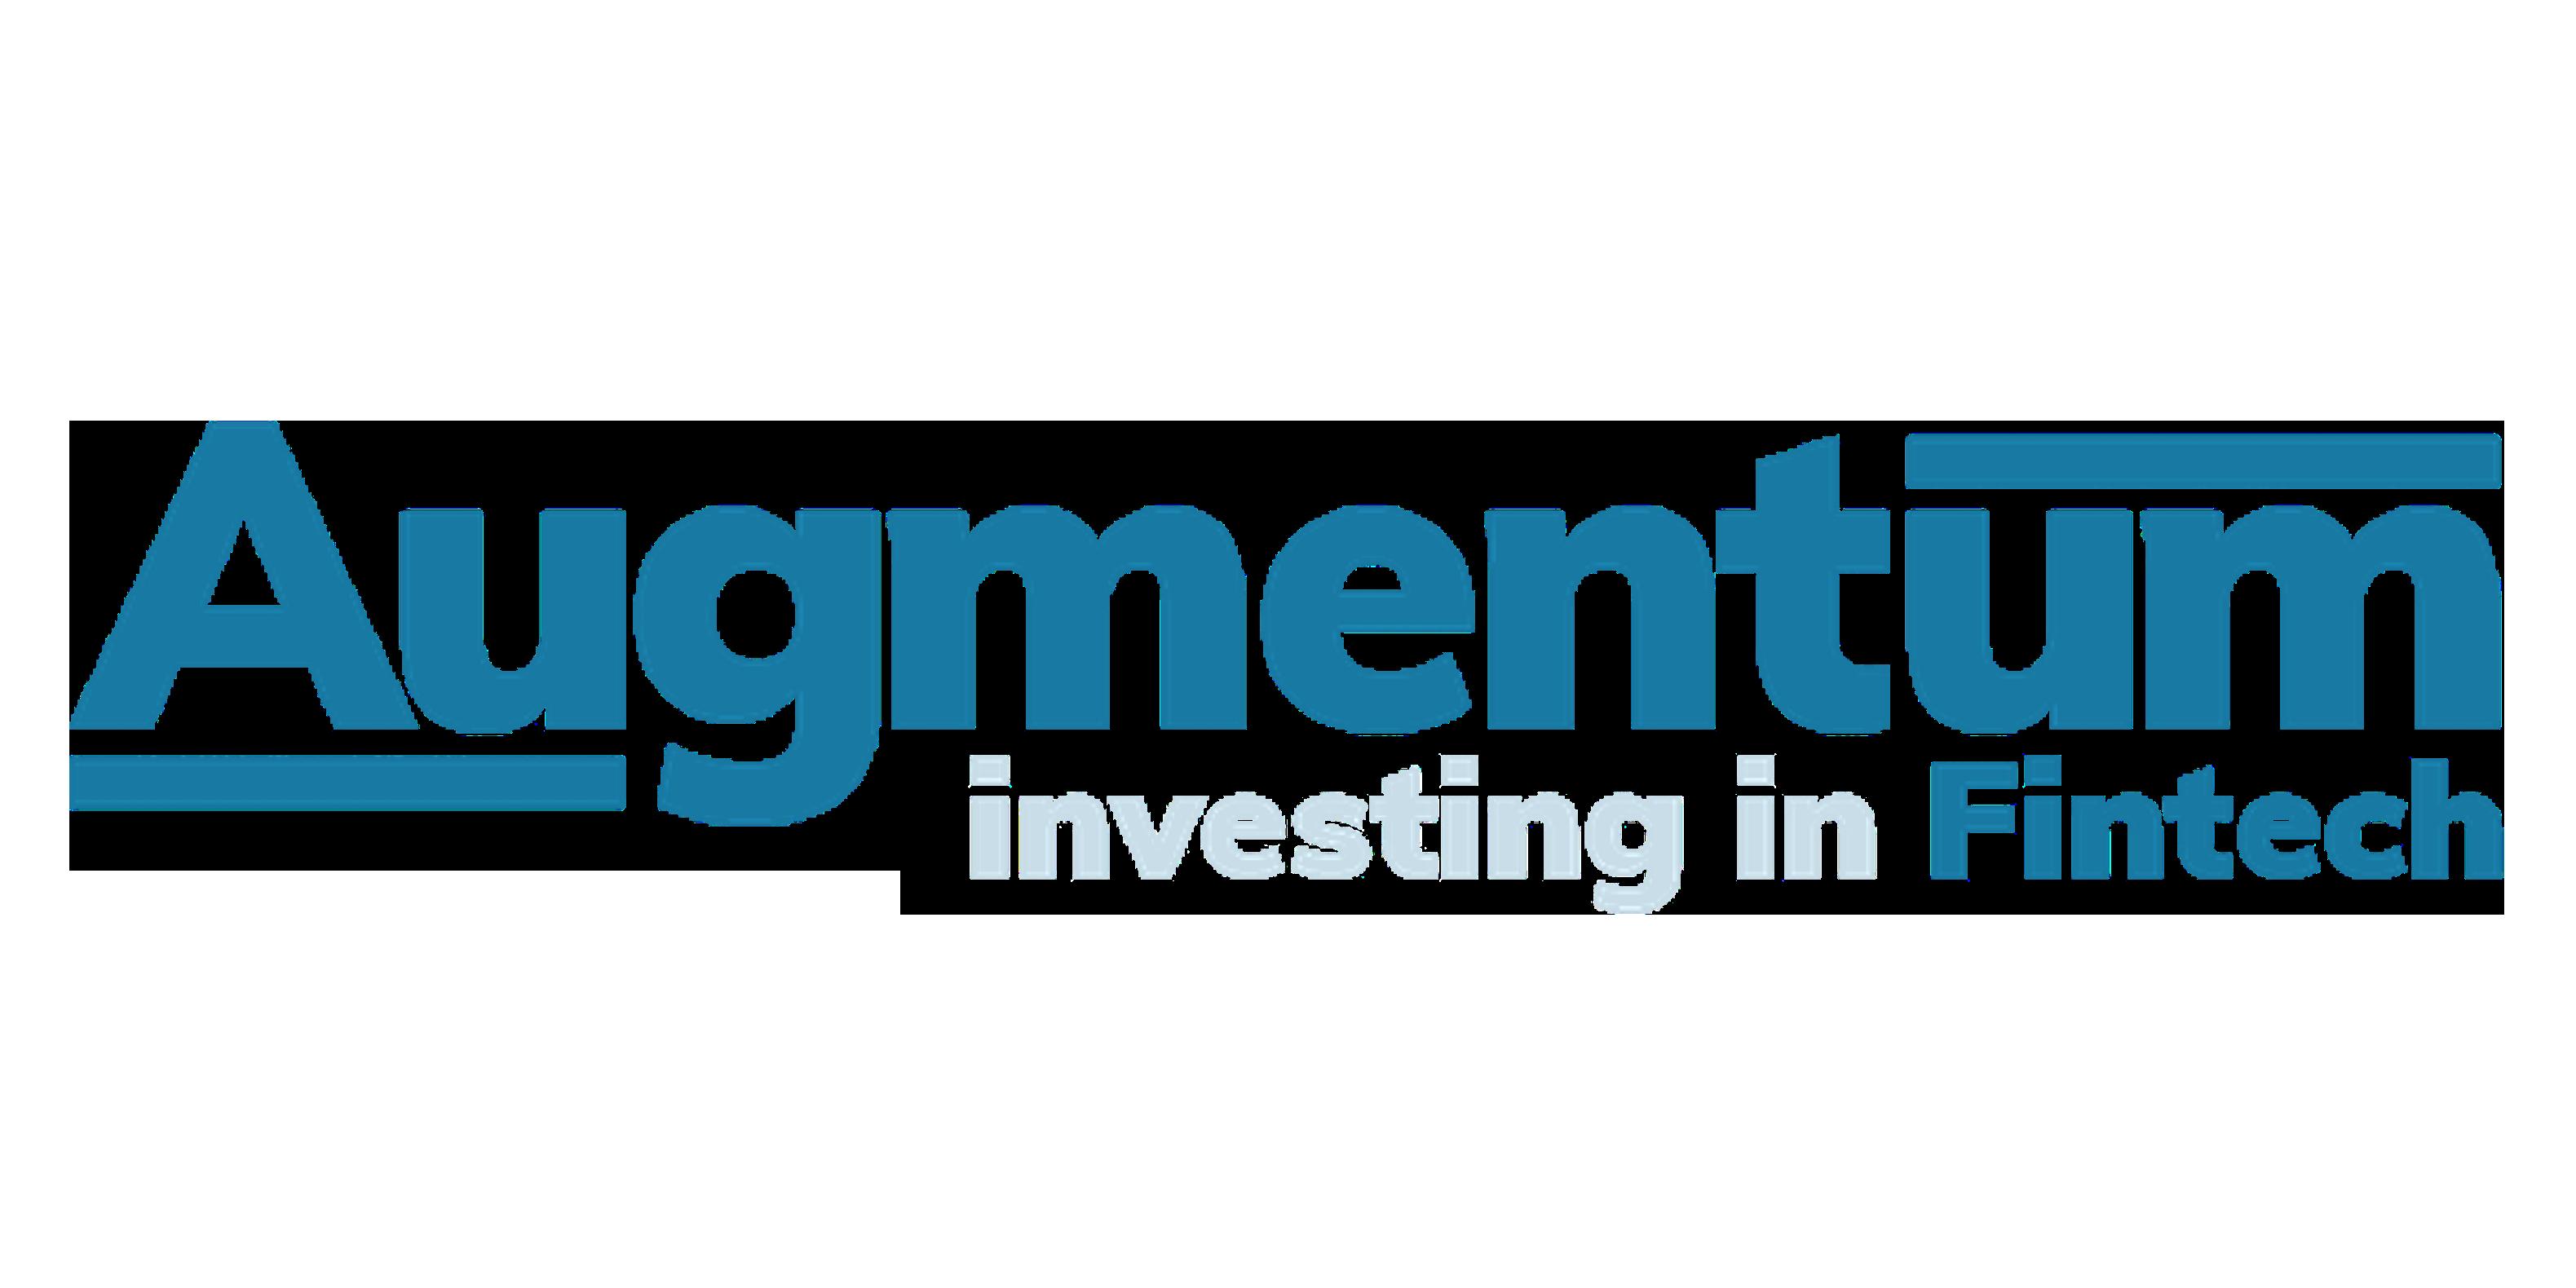 Augmentum Fintech plc invests total of £7min fintech companies